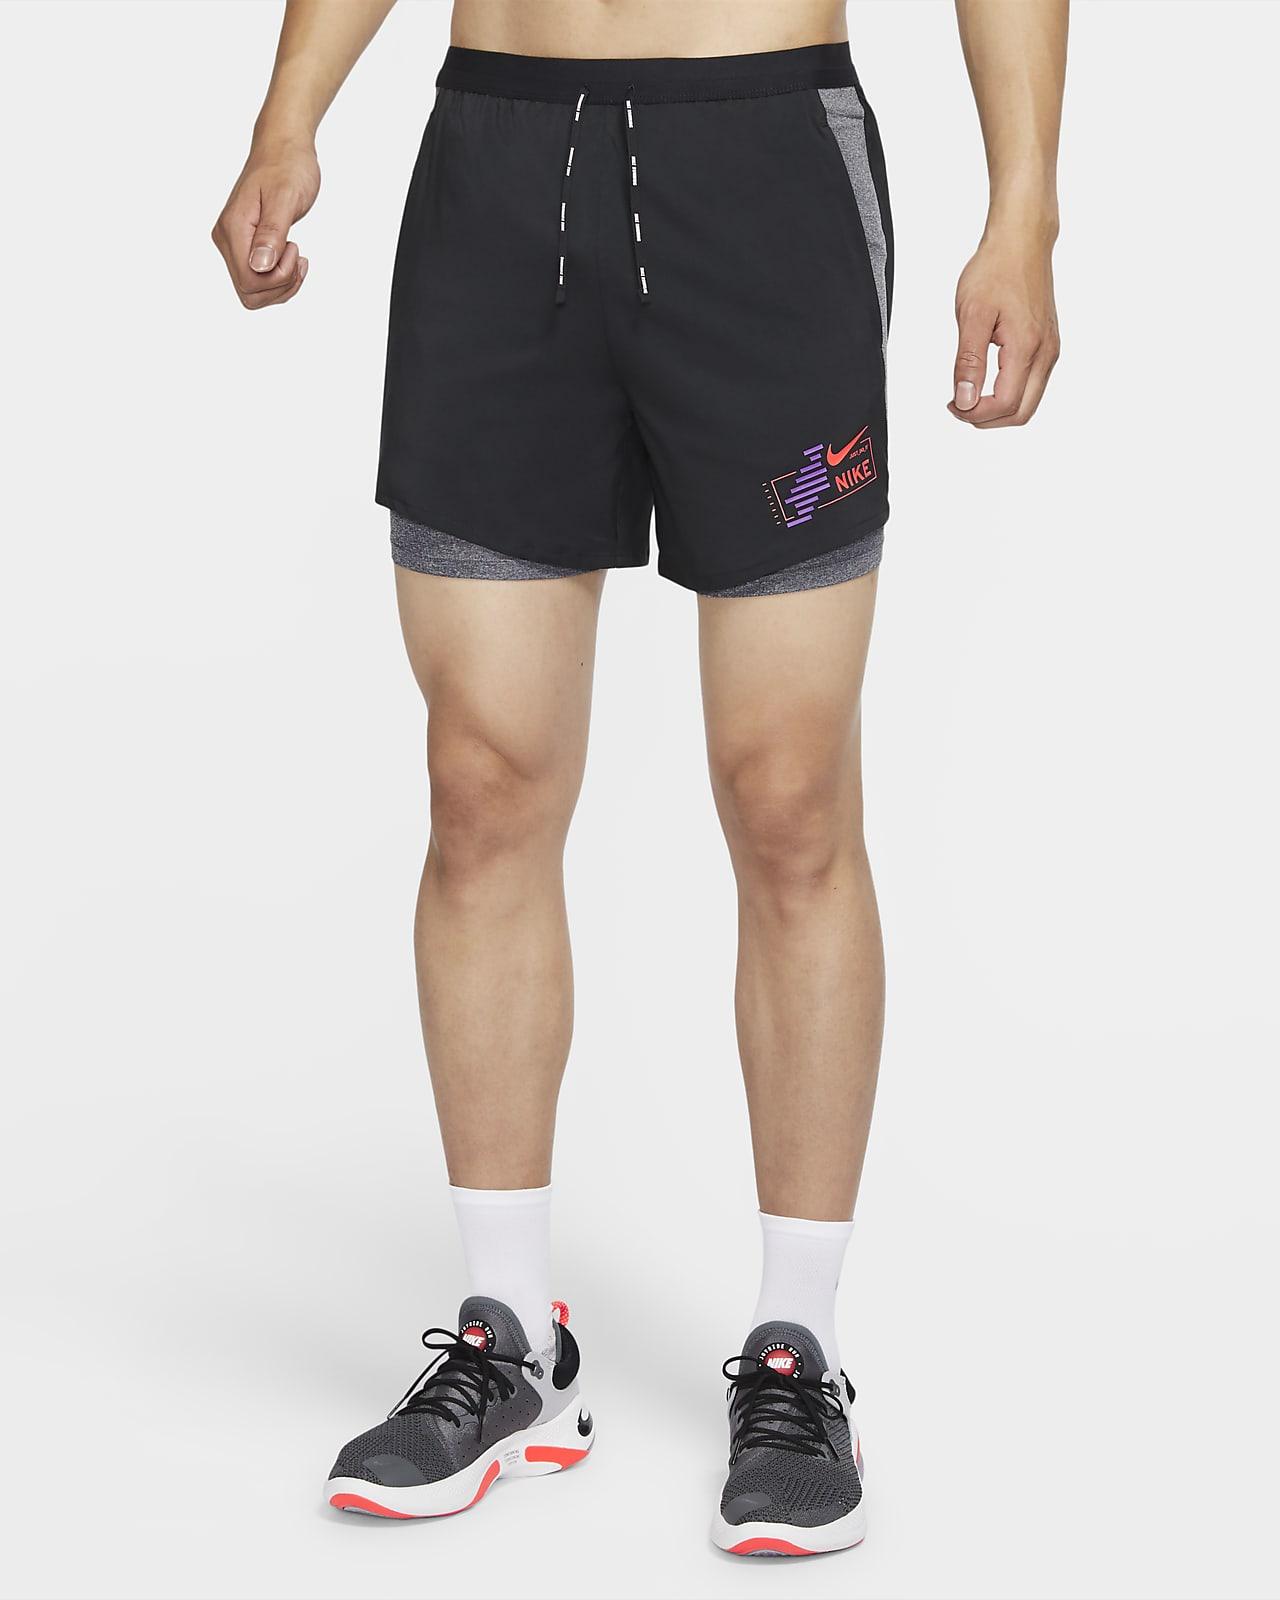 Nike Flex Stride Future Fast 男款二合一跑步短褲